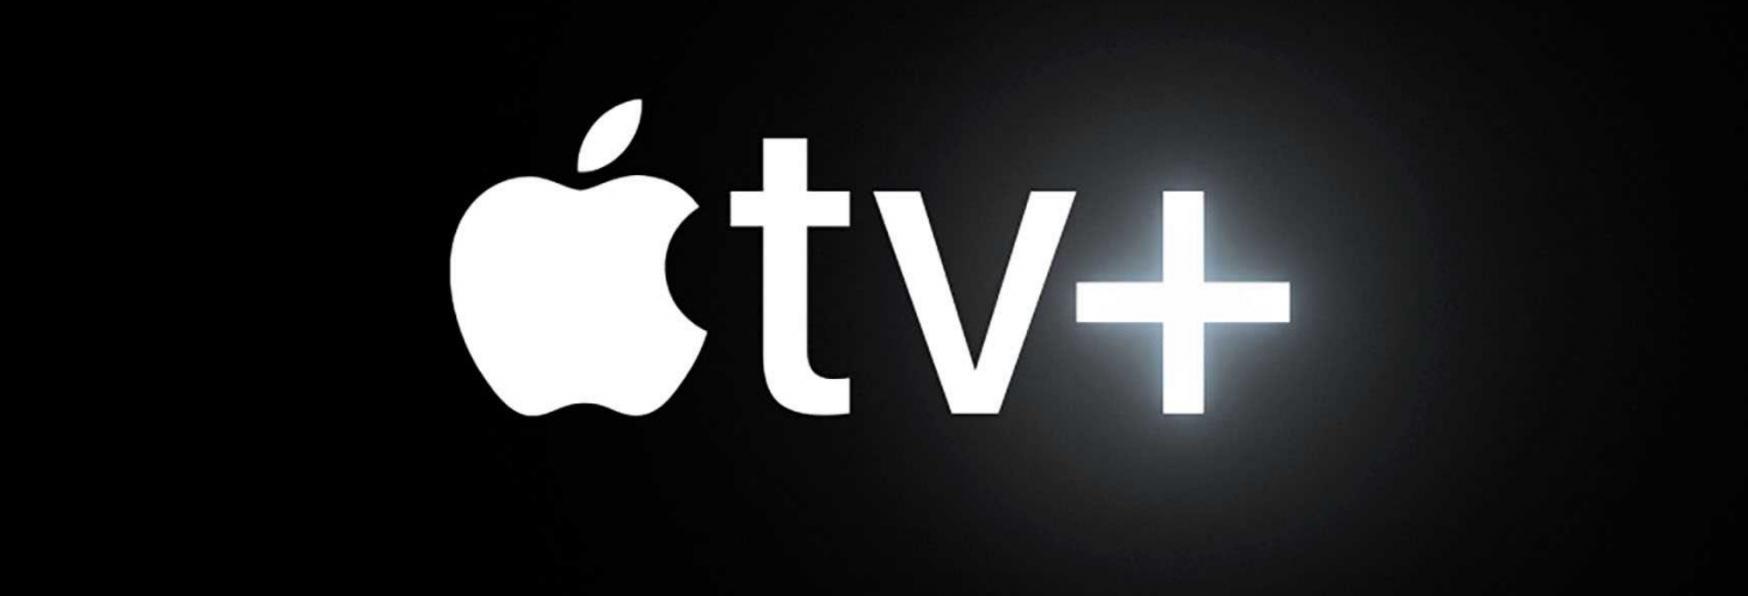 City on Fire: Apple ordina una Serie TV Adattamento del Romanzo di Garth Risk Hallberg